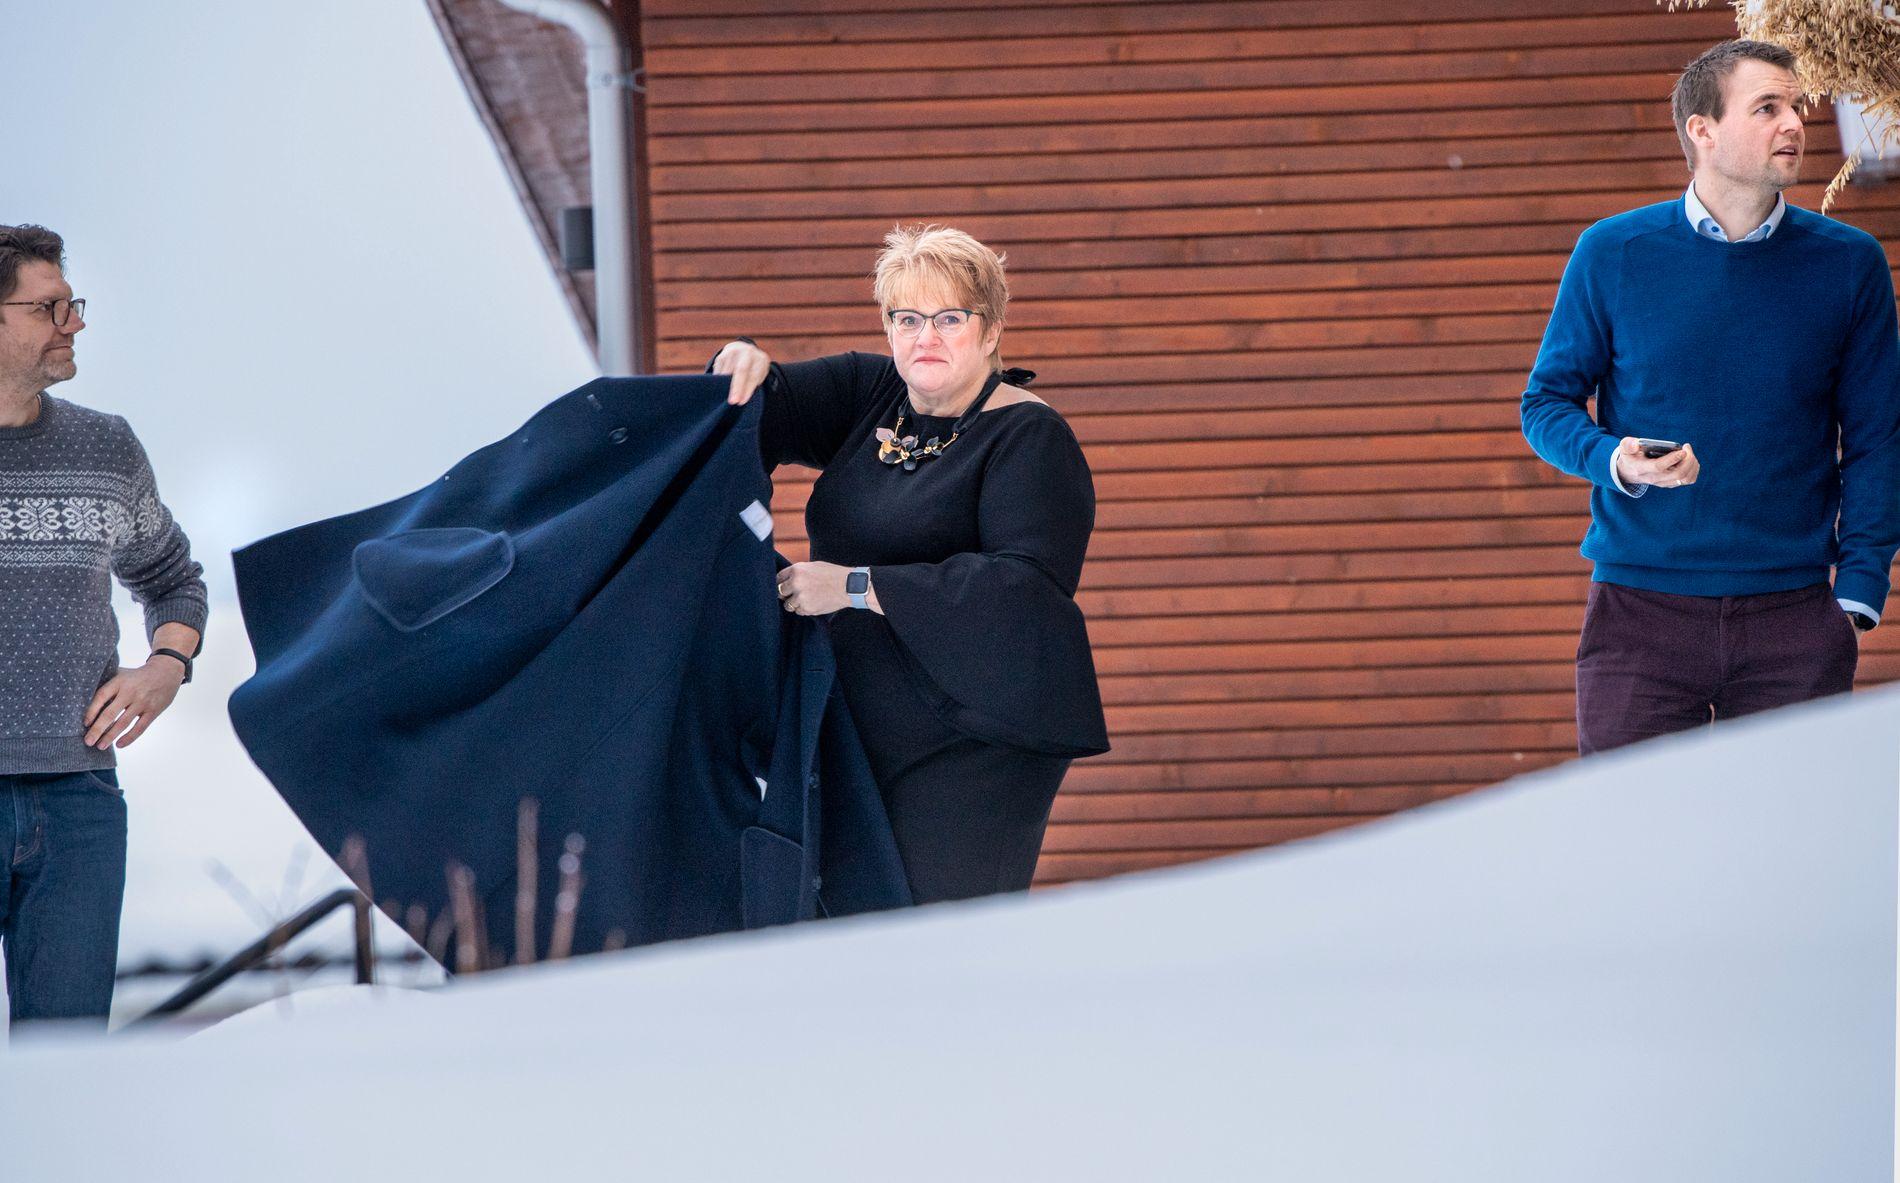 UTE I STORMEN: Venstre-leder Trine Skei Grande ute i snøværet på Granavolden onsdag denne uken, her med sin egen nestleder Terje Breivik og KrFs nestleder Kjell Ingolf Ropstad.